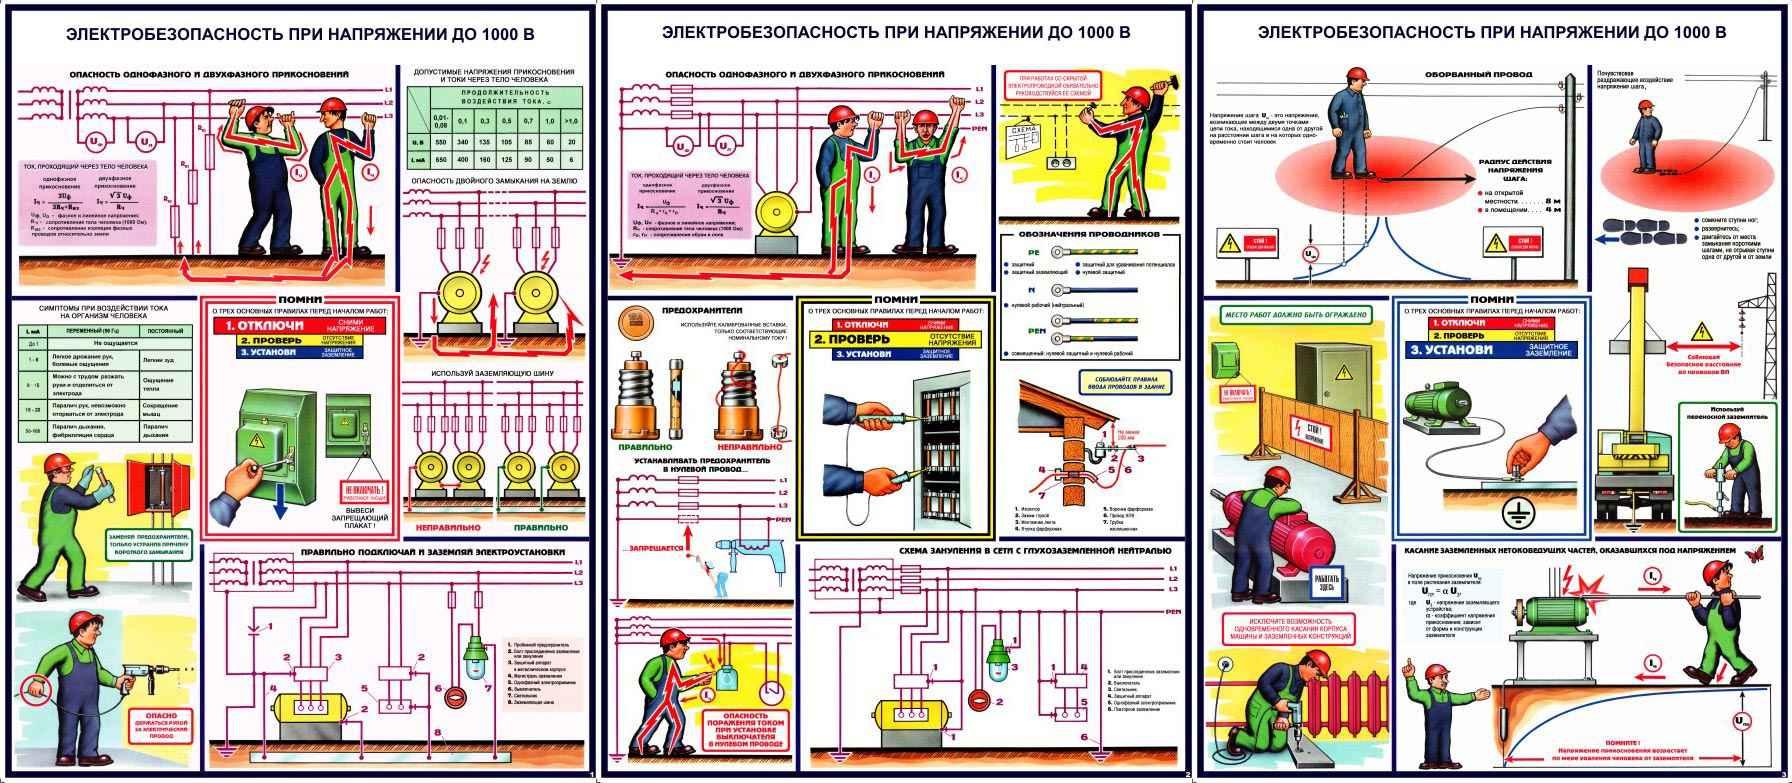 Инструкции по пожарной безопасности типографии